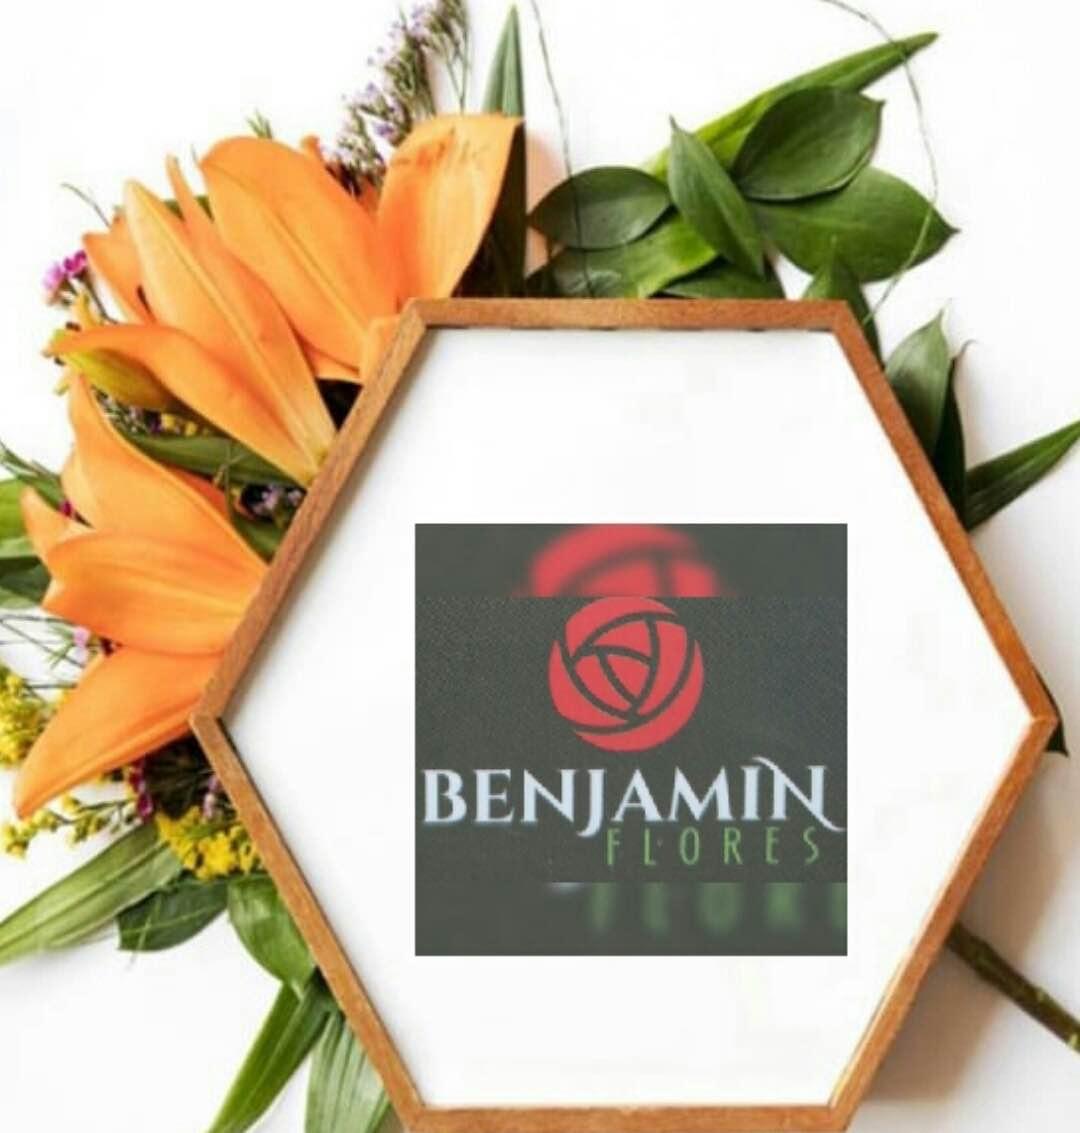 Benjamimflores